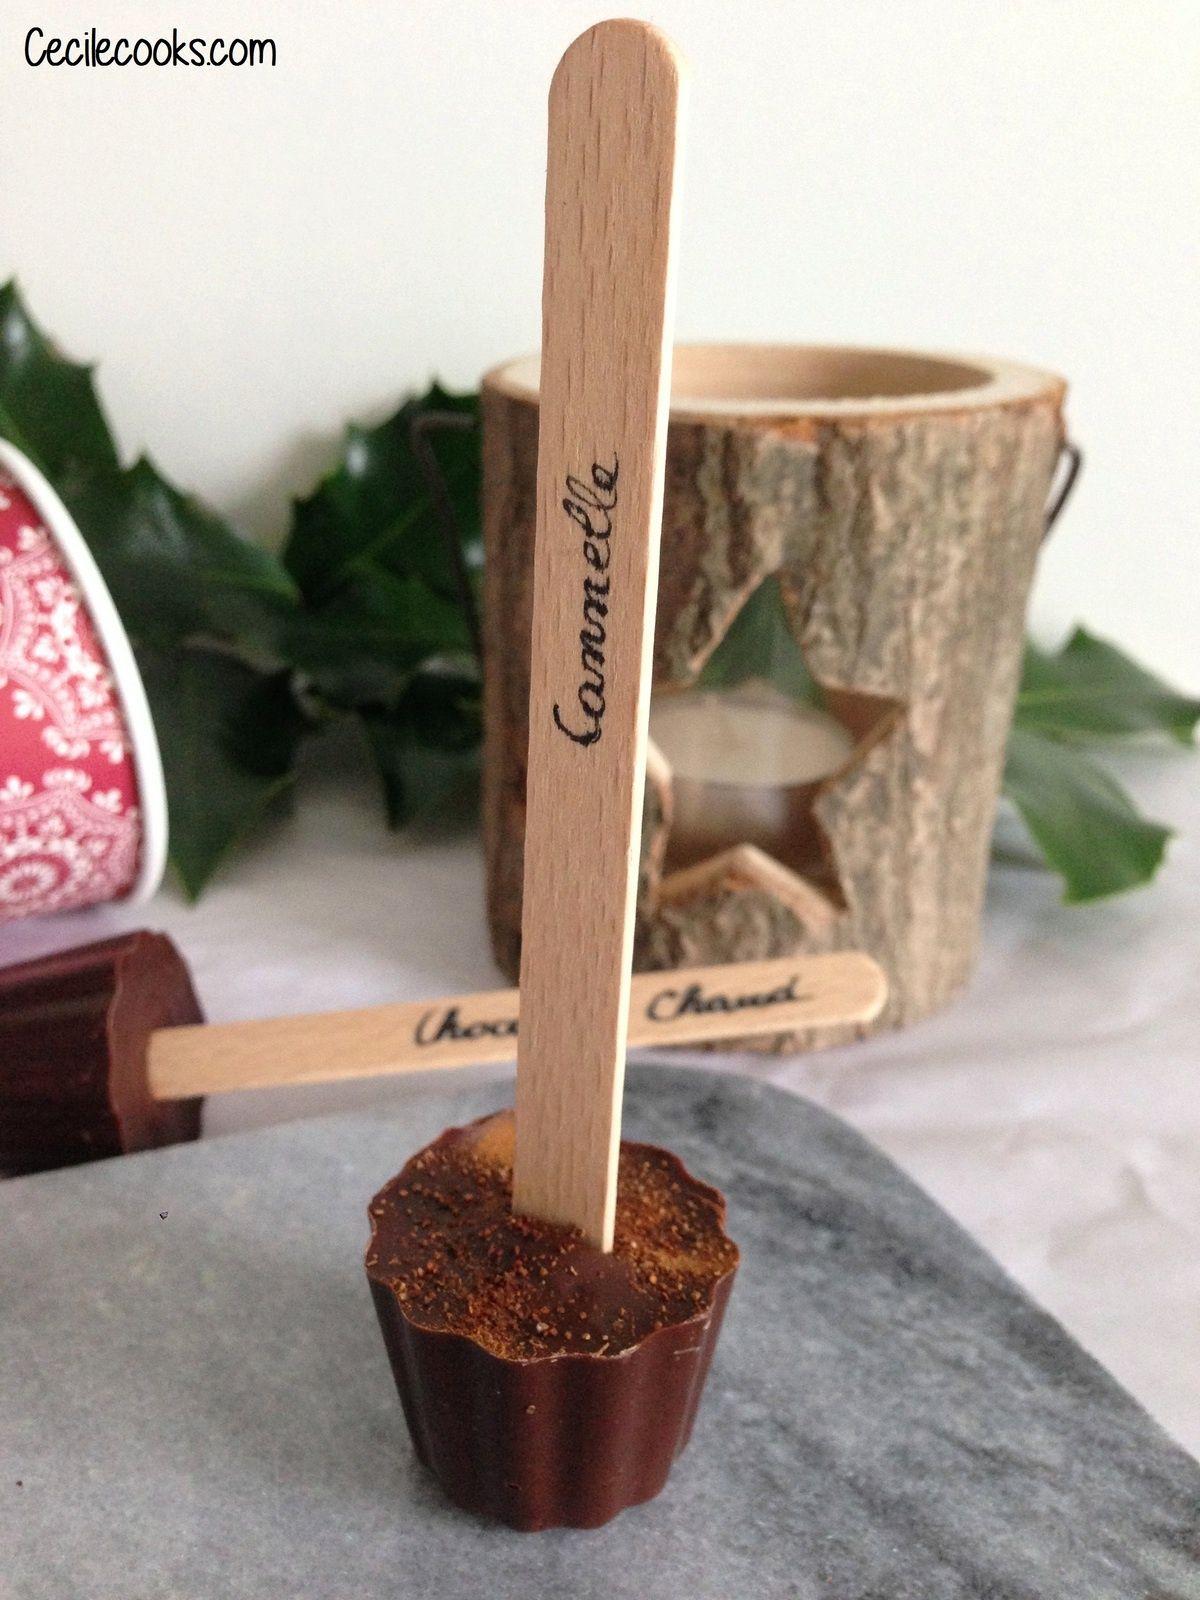 calendrier de l 39 avent 11 sucettes chocolat chaud cecilecooks recettes pinterest. Black Bedroom Furniture Sets. Home Design Ideas